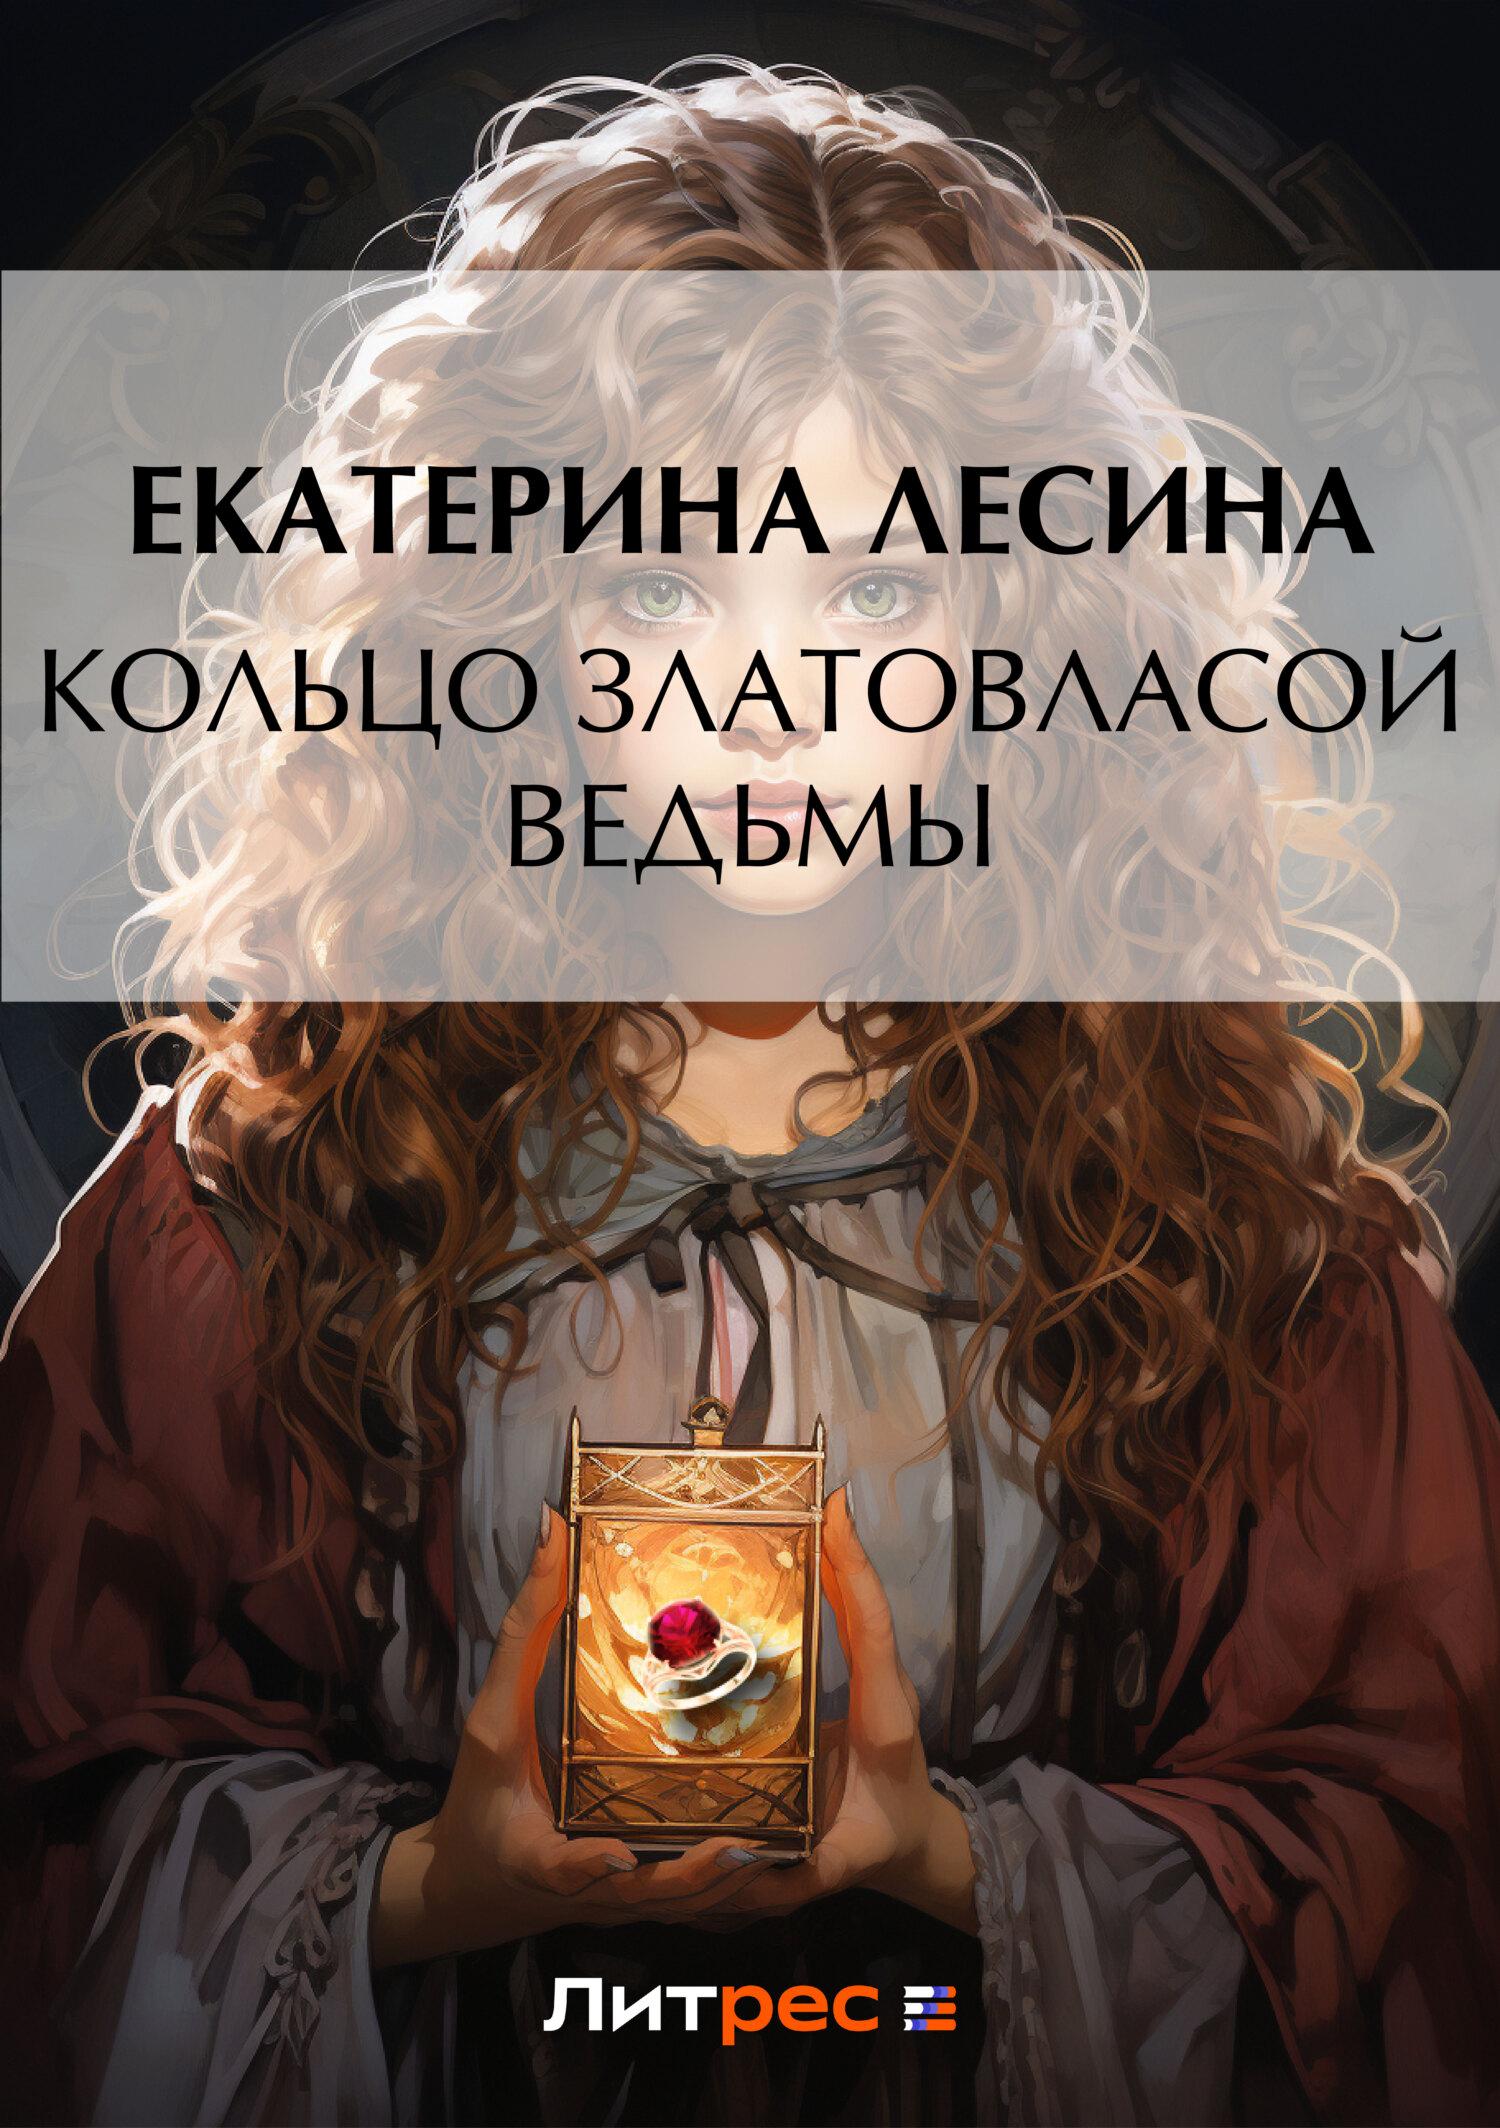 купить Екатерина Лесина Кольцо златовласой ведьмы по цене 129 рублей